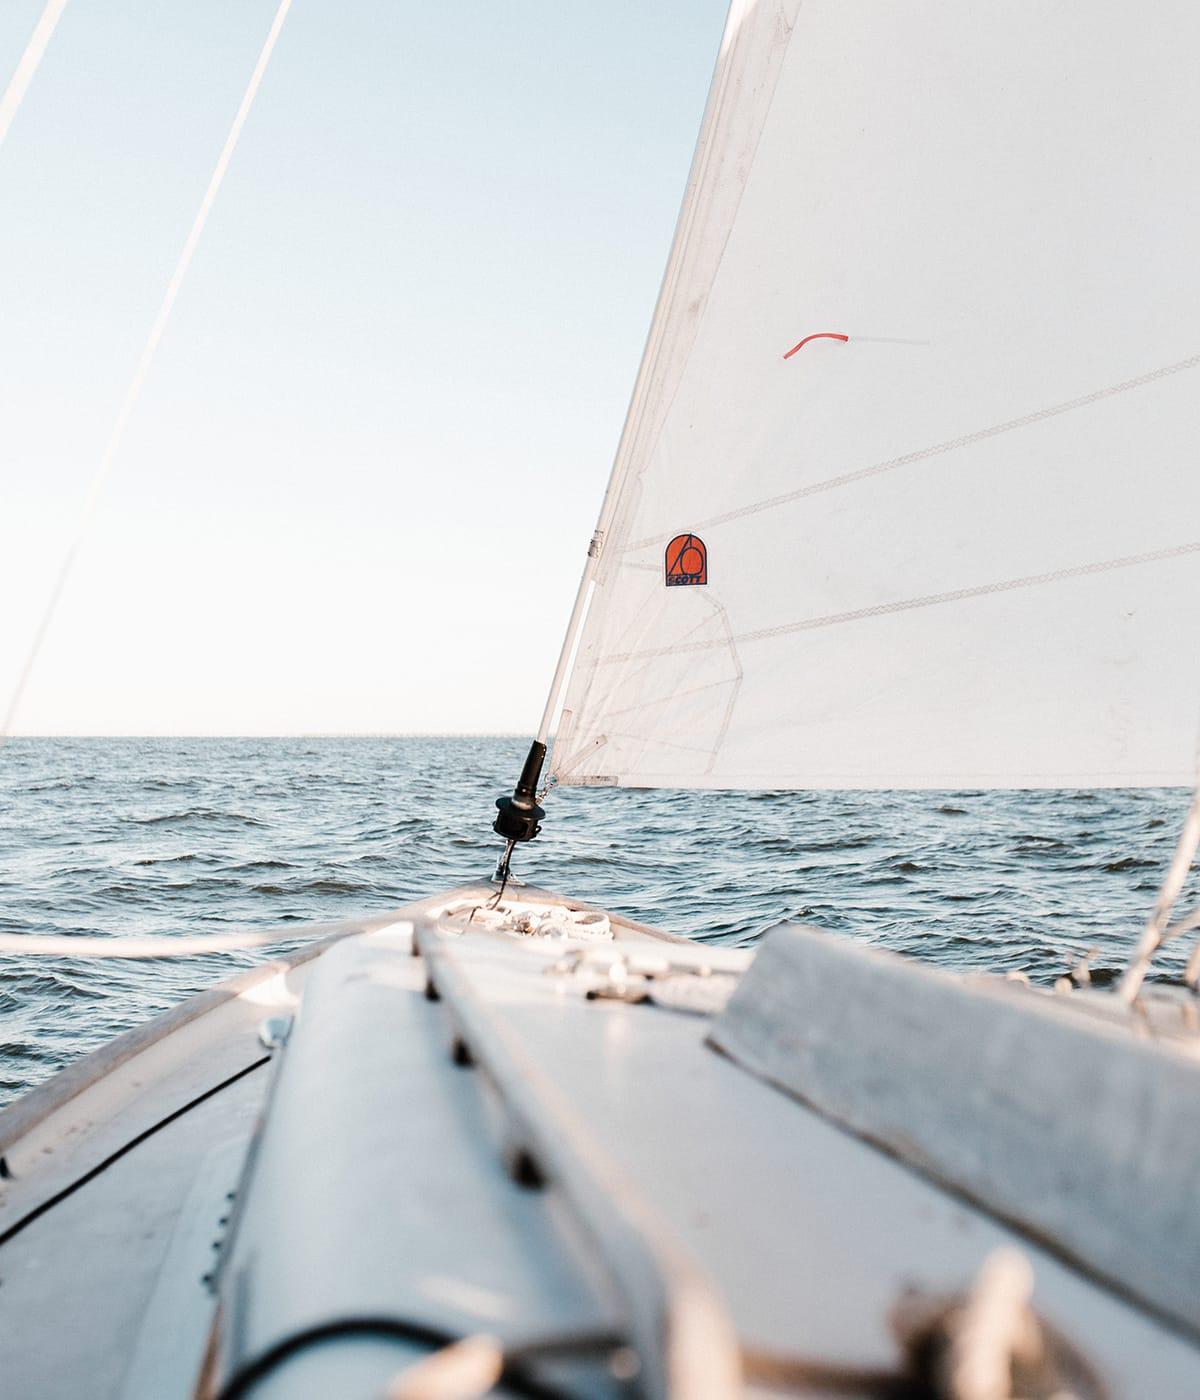 Bei Urlaubsarten wie dem Segeln, könnt ihr euer Hobby gut mit dem Reisen verbinden.